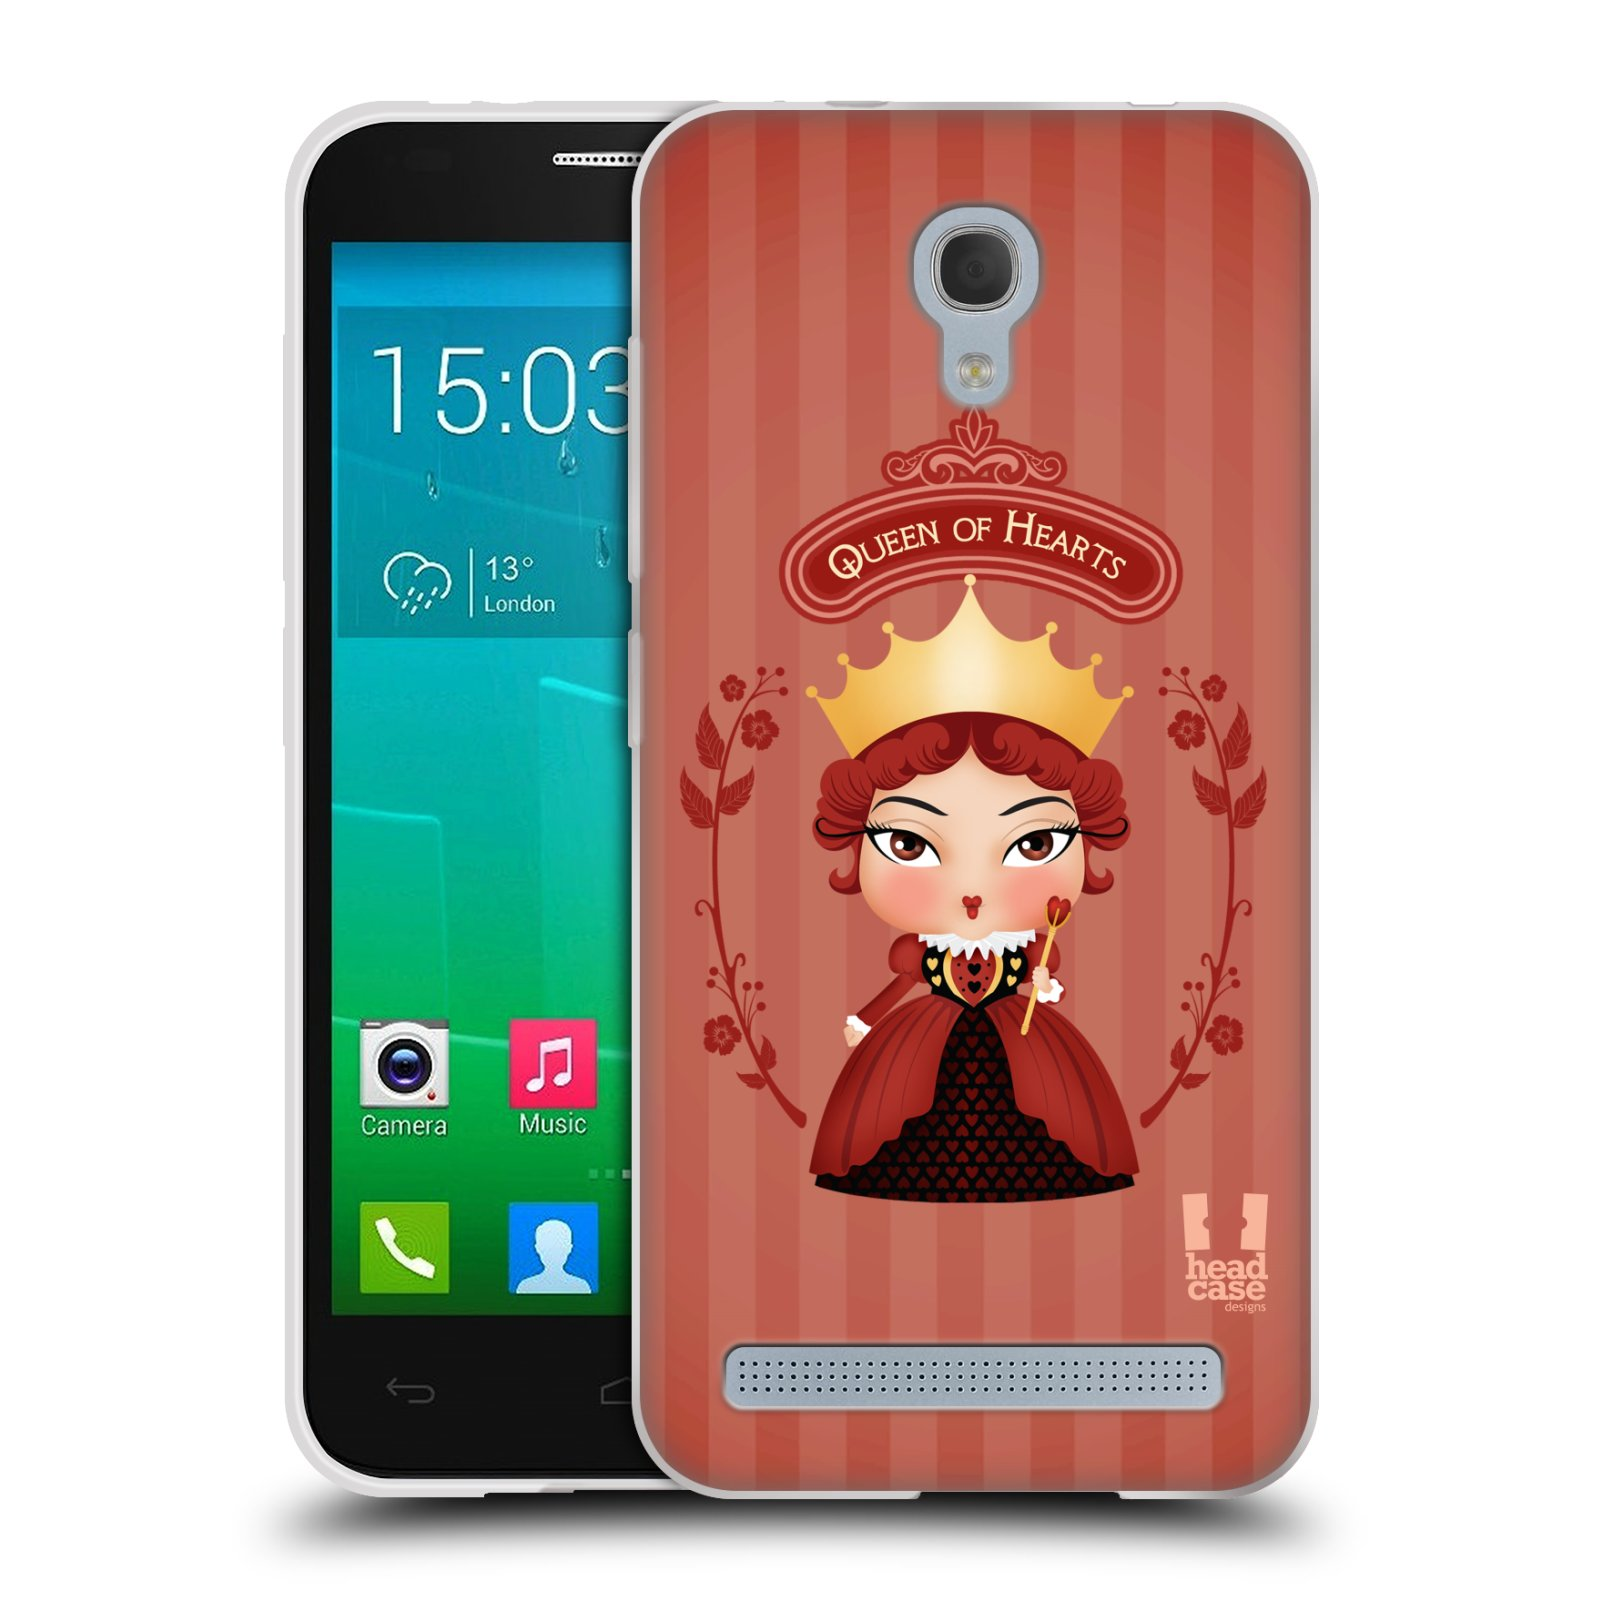 HEAD CASE silikonový obal na mobil Alcatel Idol 2 MINI S 6036Y vzor Alenka v říši divů královna